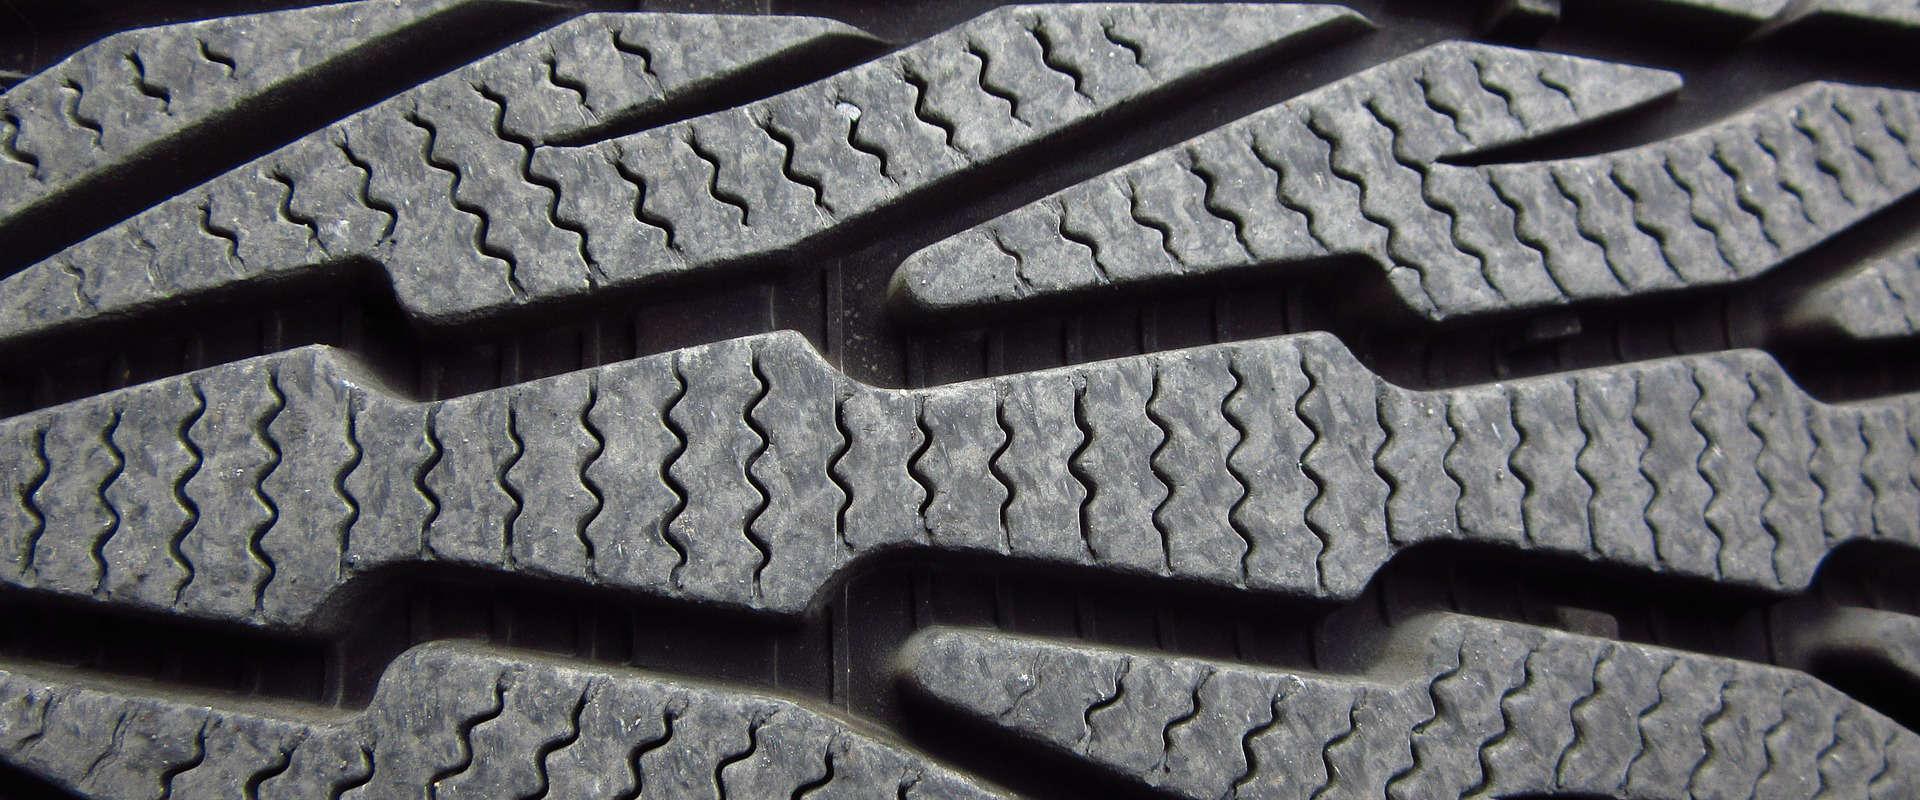 Pneus, achat et installation de pneus